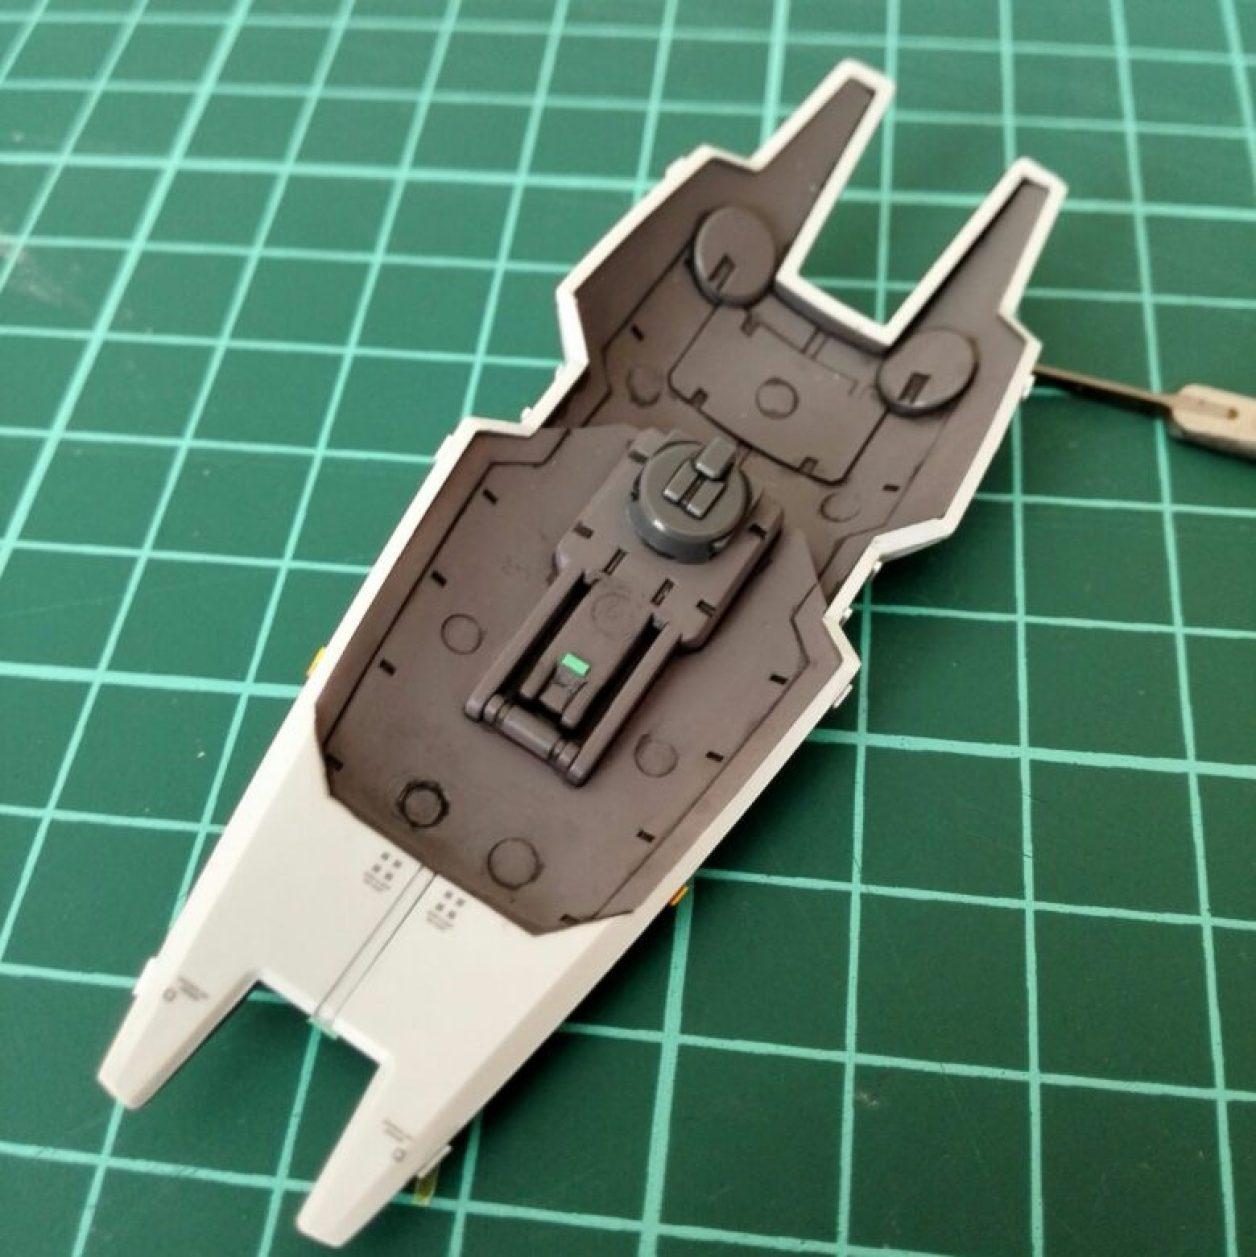 HGUC ガンダムTR-1[ヘイズル改]のジム系MS用シールドにガンダムマーカーエアブラシシステムで塗装した面を部分的に剥がしてカラーチップを接着した画像